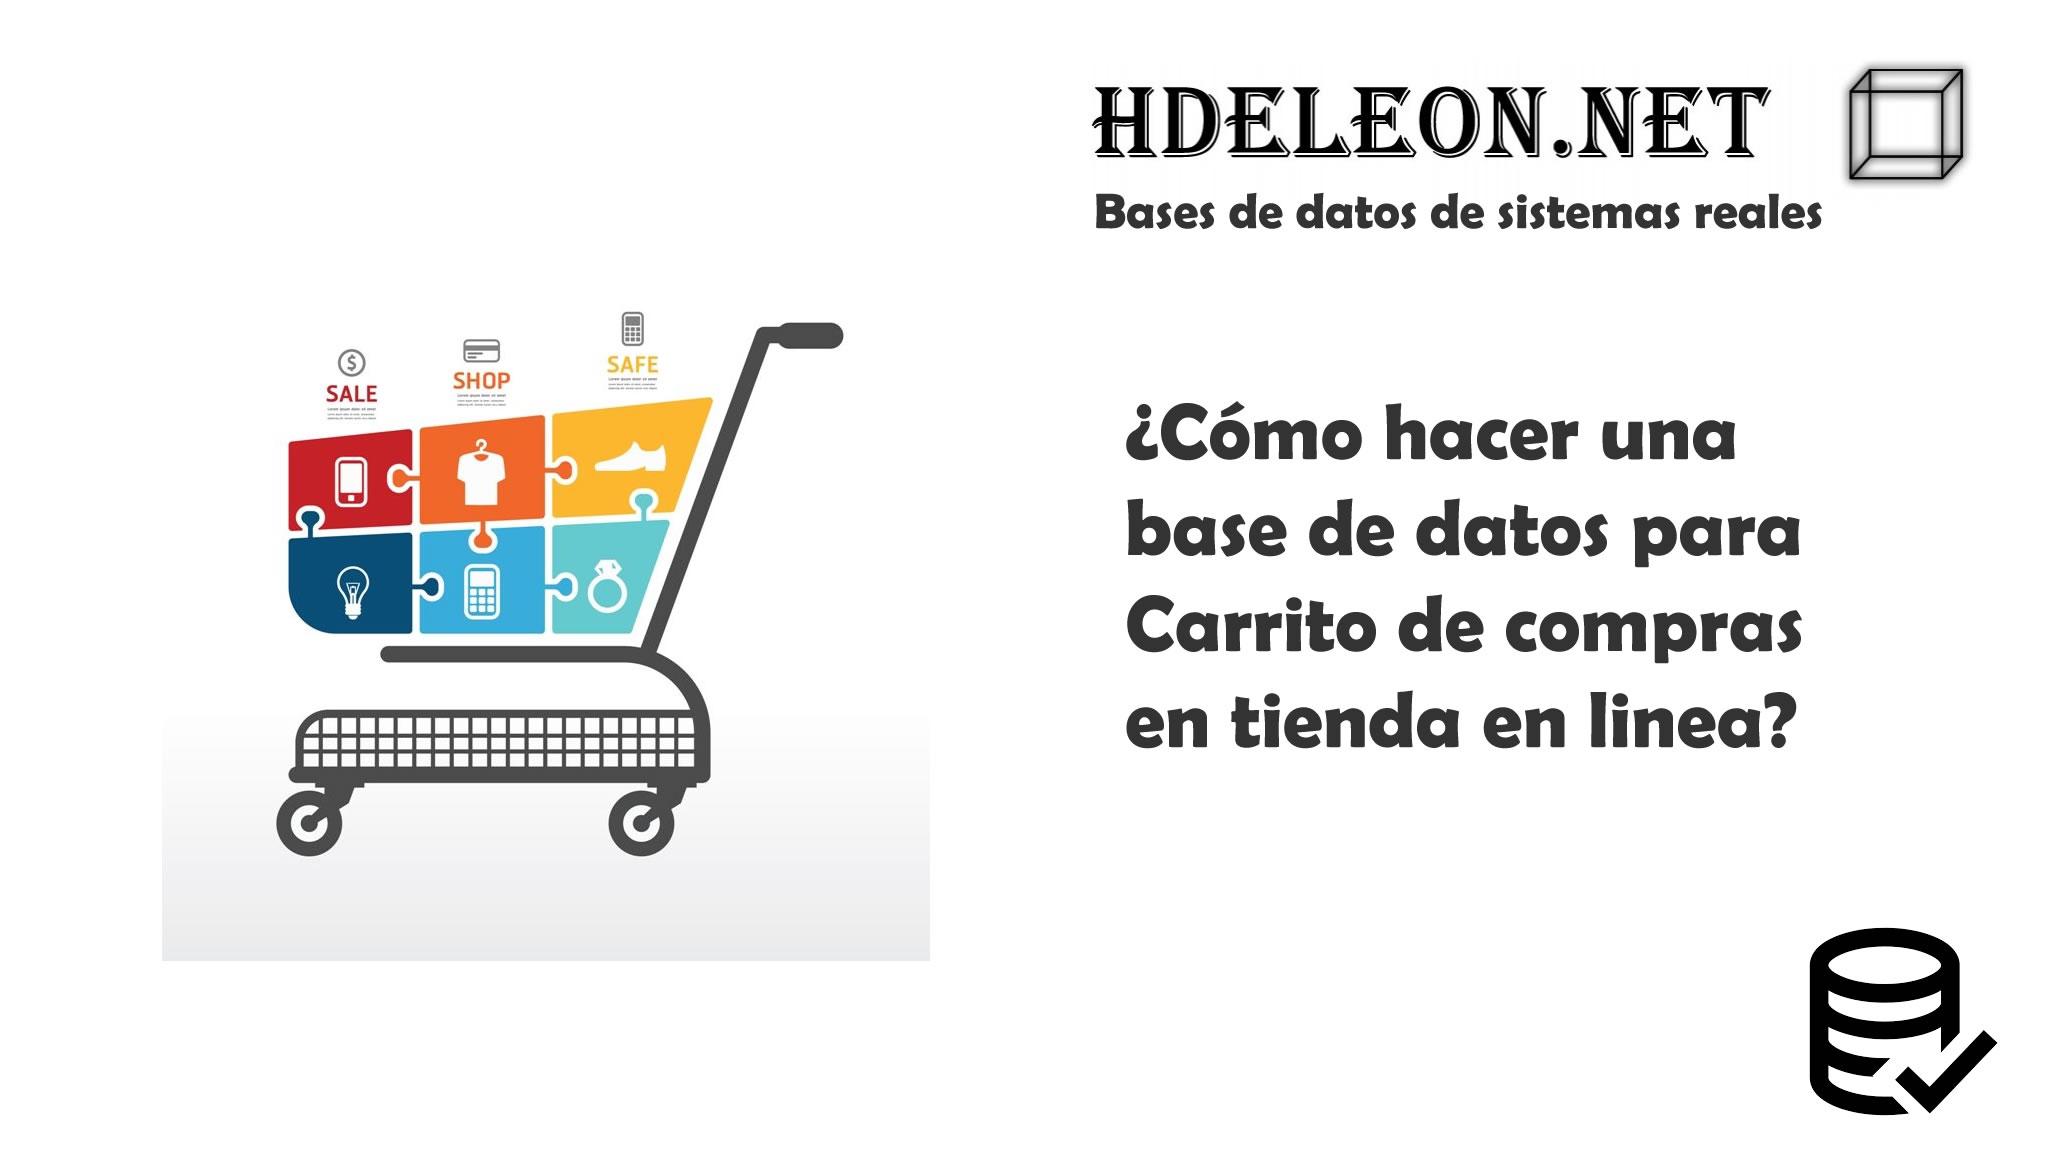 ¿Cómo hacer una base de datos para Carrito de compras en tienda en linea?